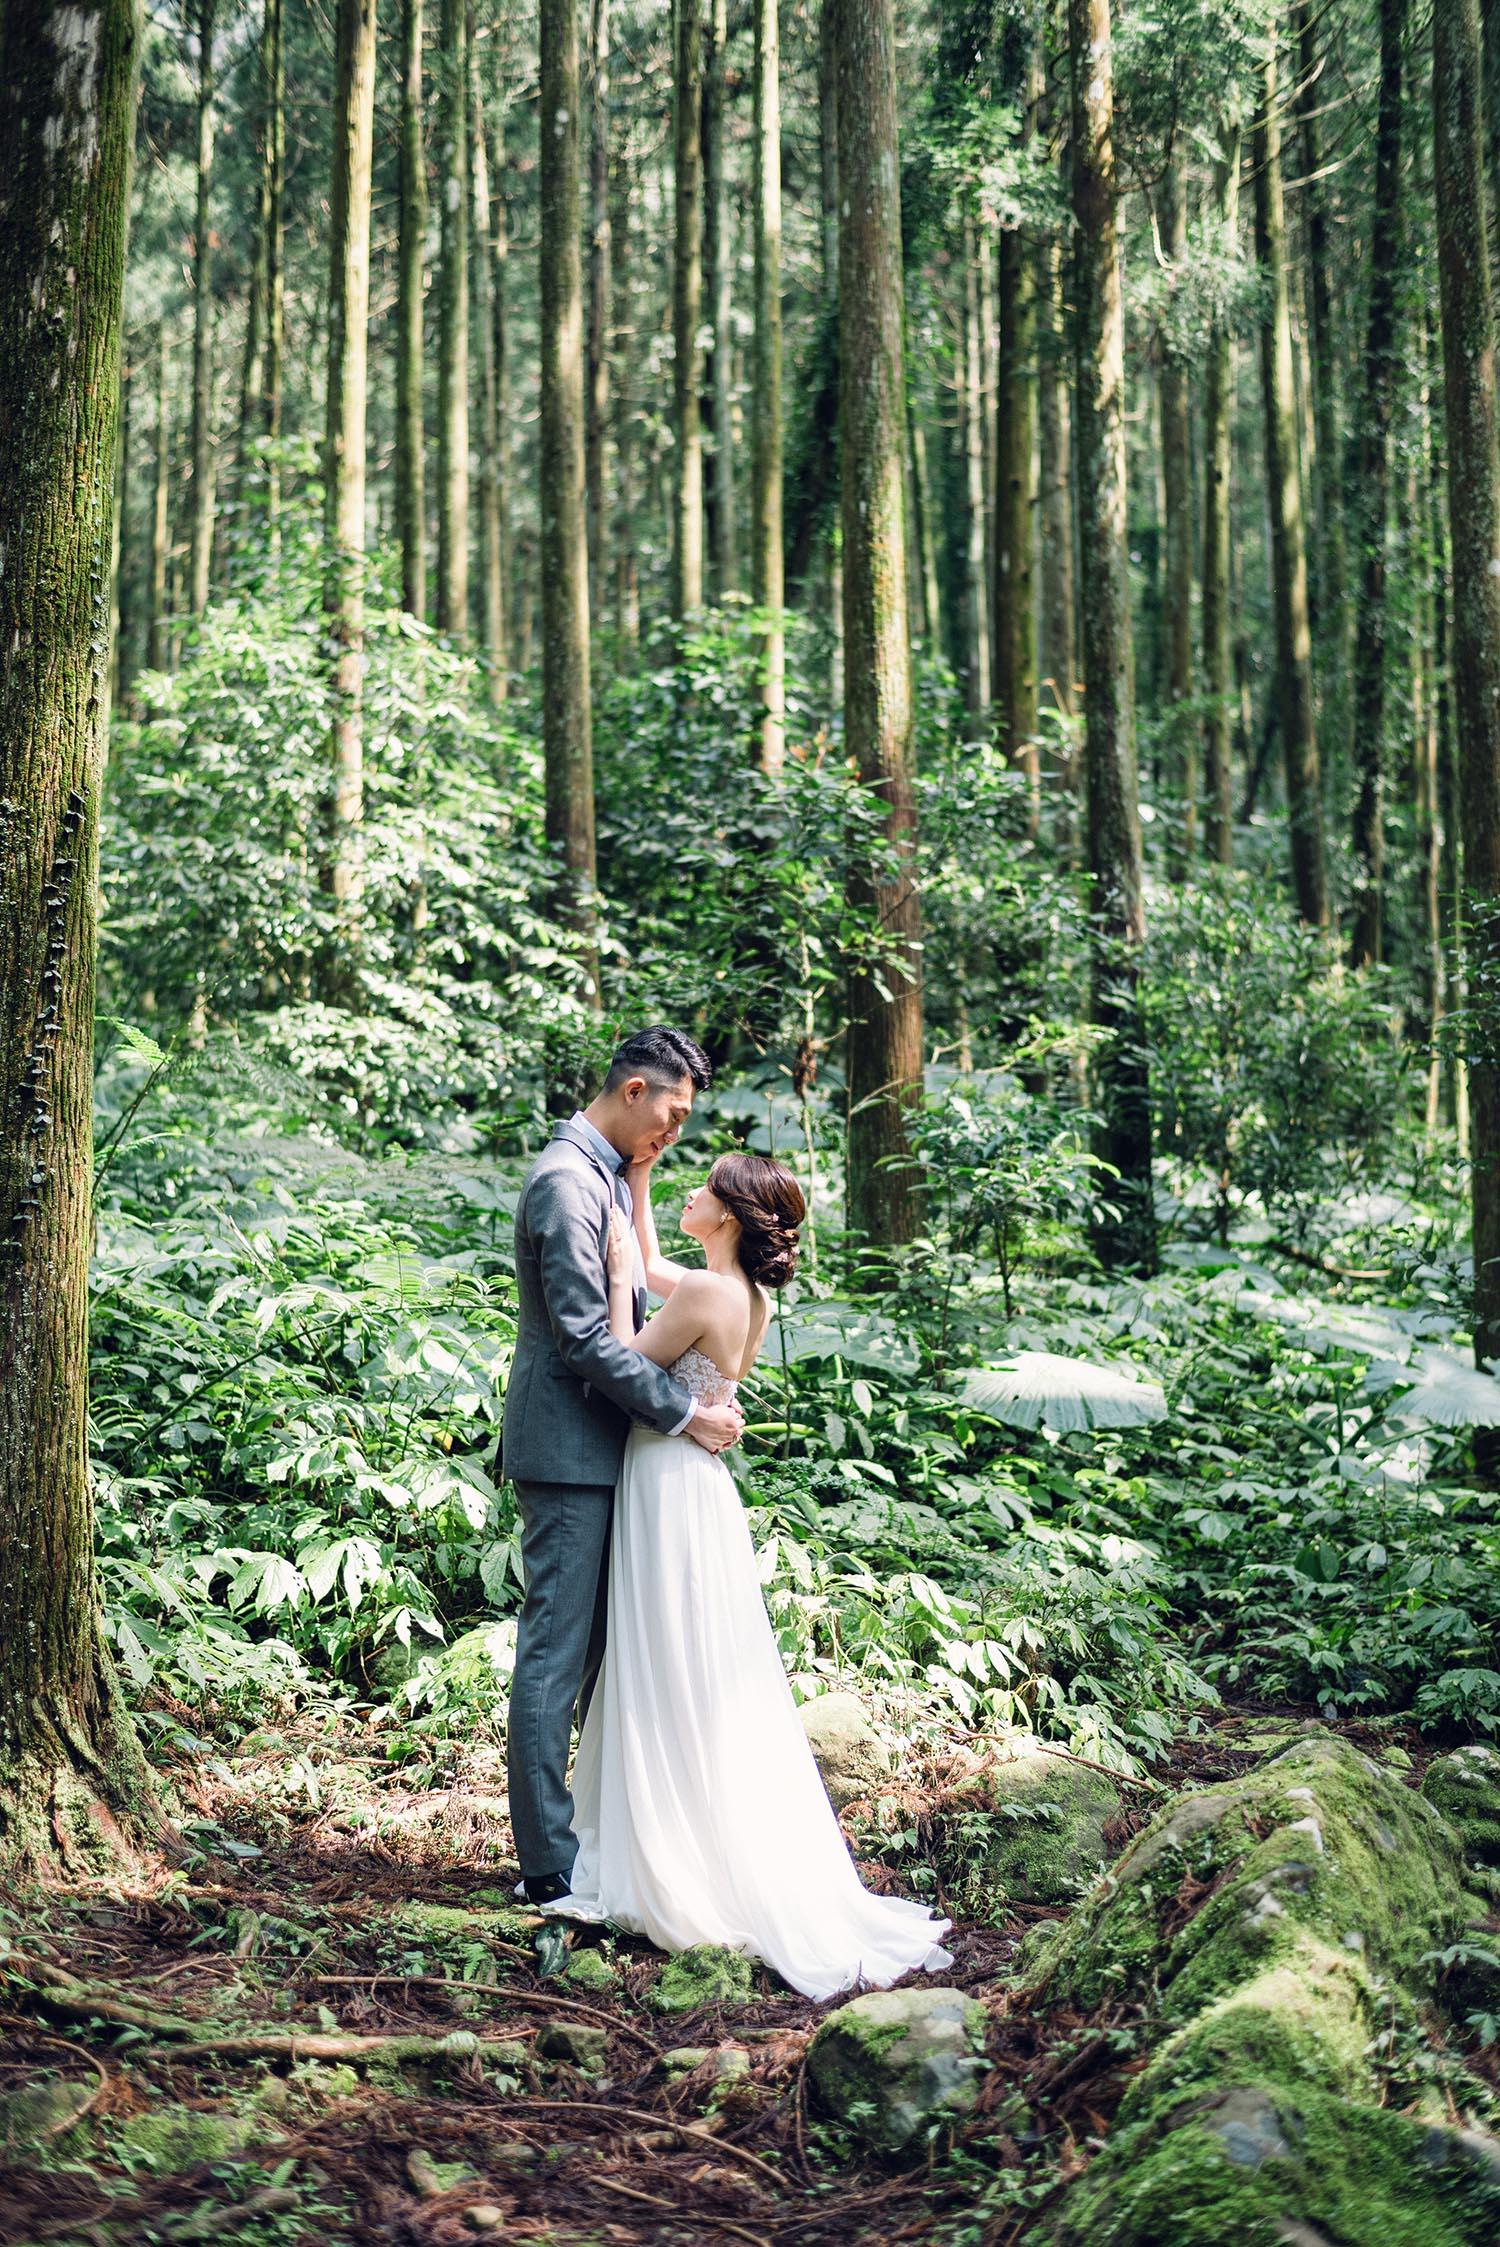 旅遊婚紗 森林-馬武督森林-婚紗-情感婚紗-唯諾法式禮服-吉兒梁-新娘捧花-Chico-STAGE